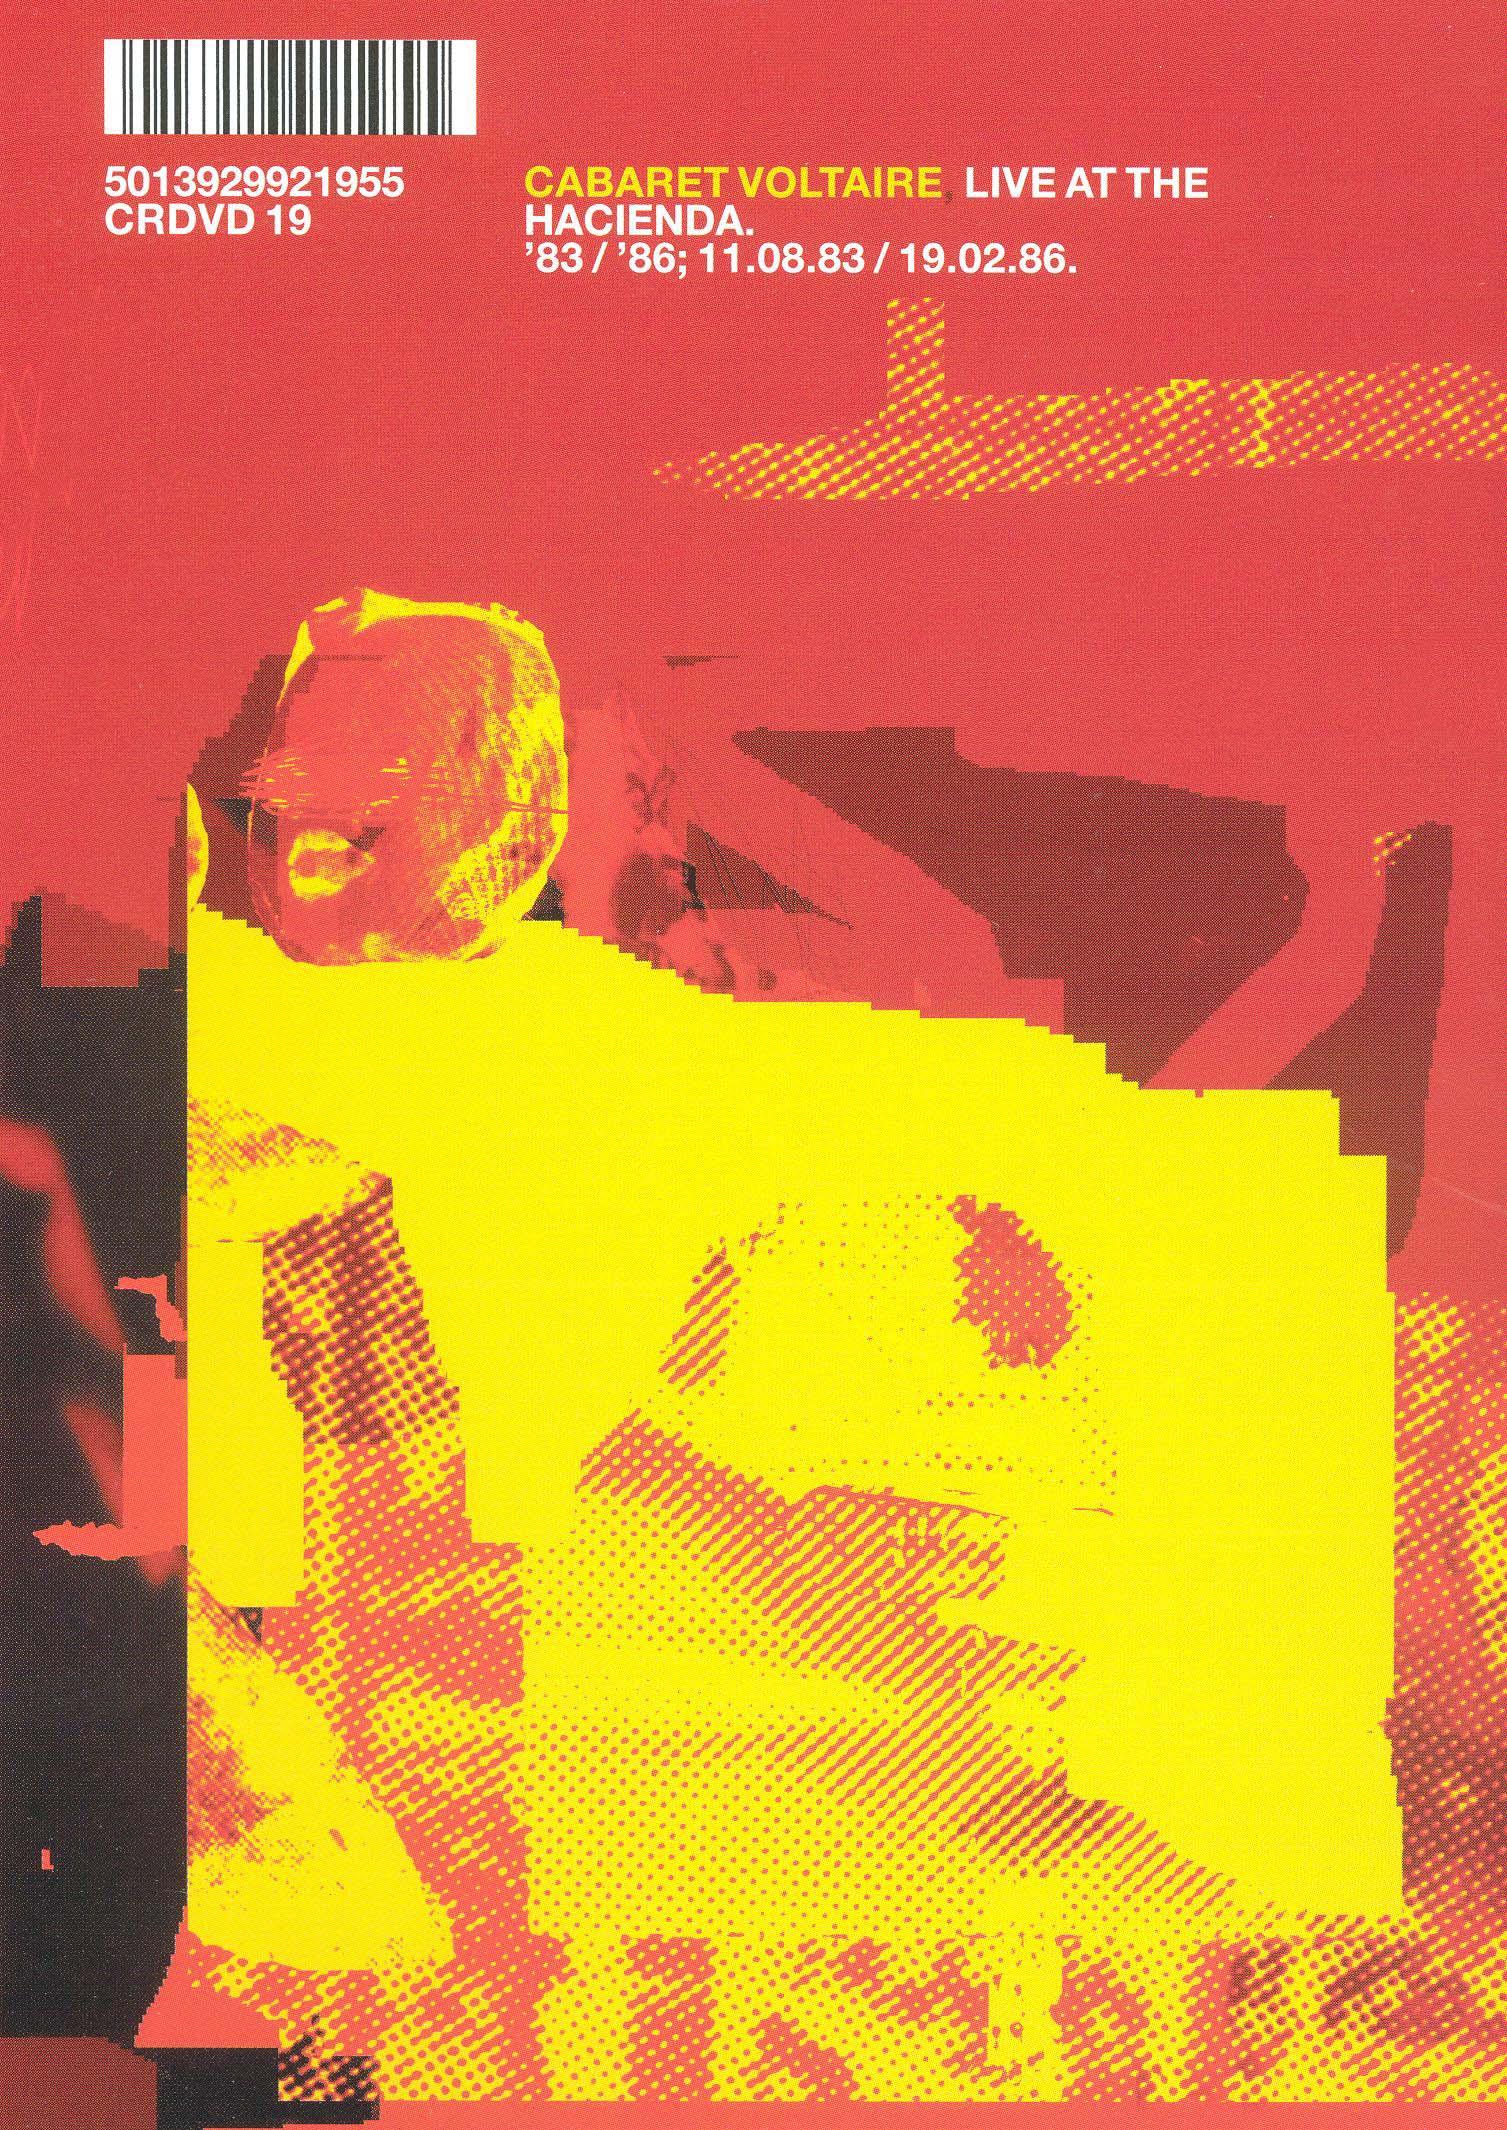 Cabaret Voltaire: Live at The Hacienda 83/86